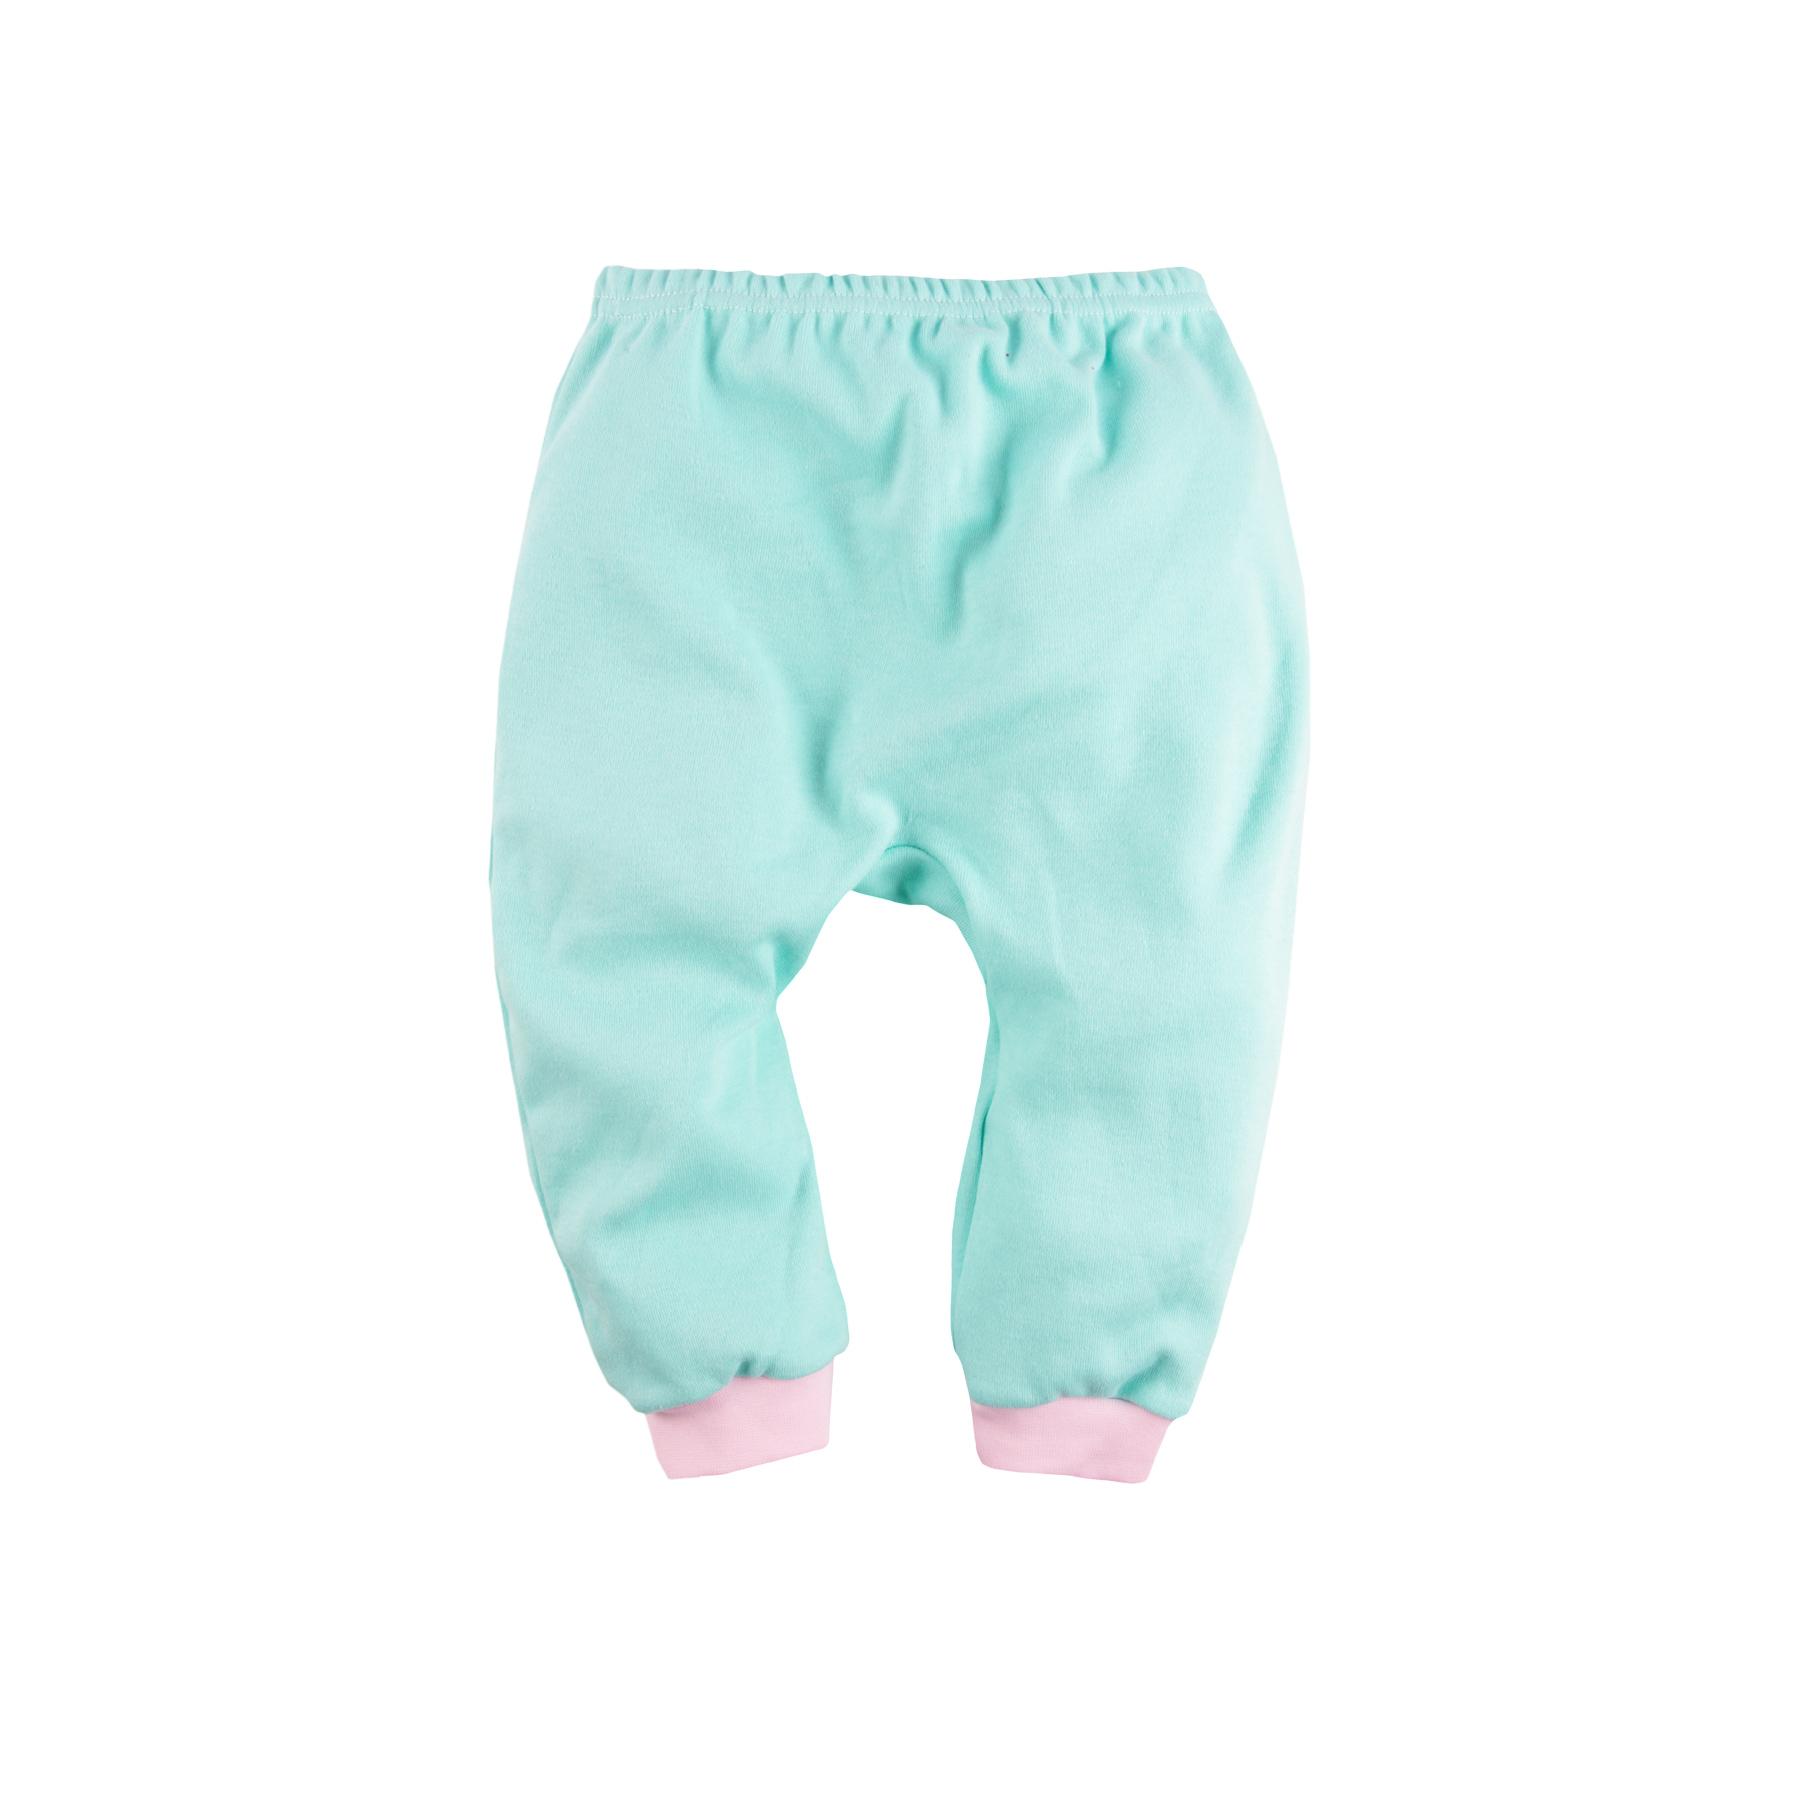 Купить одежду для новорожденных спб